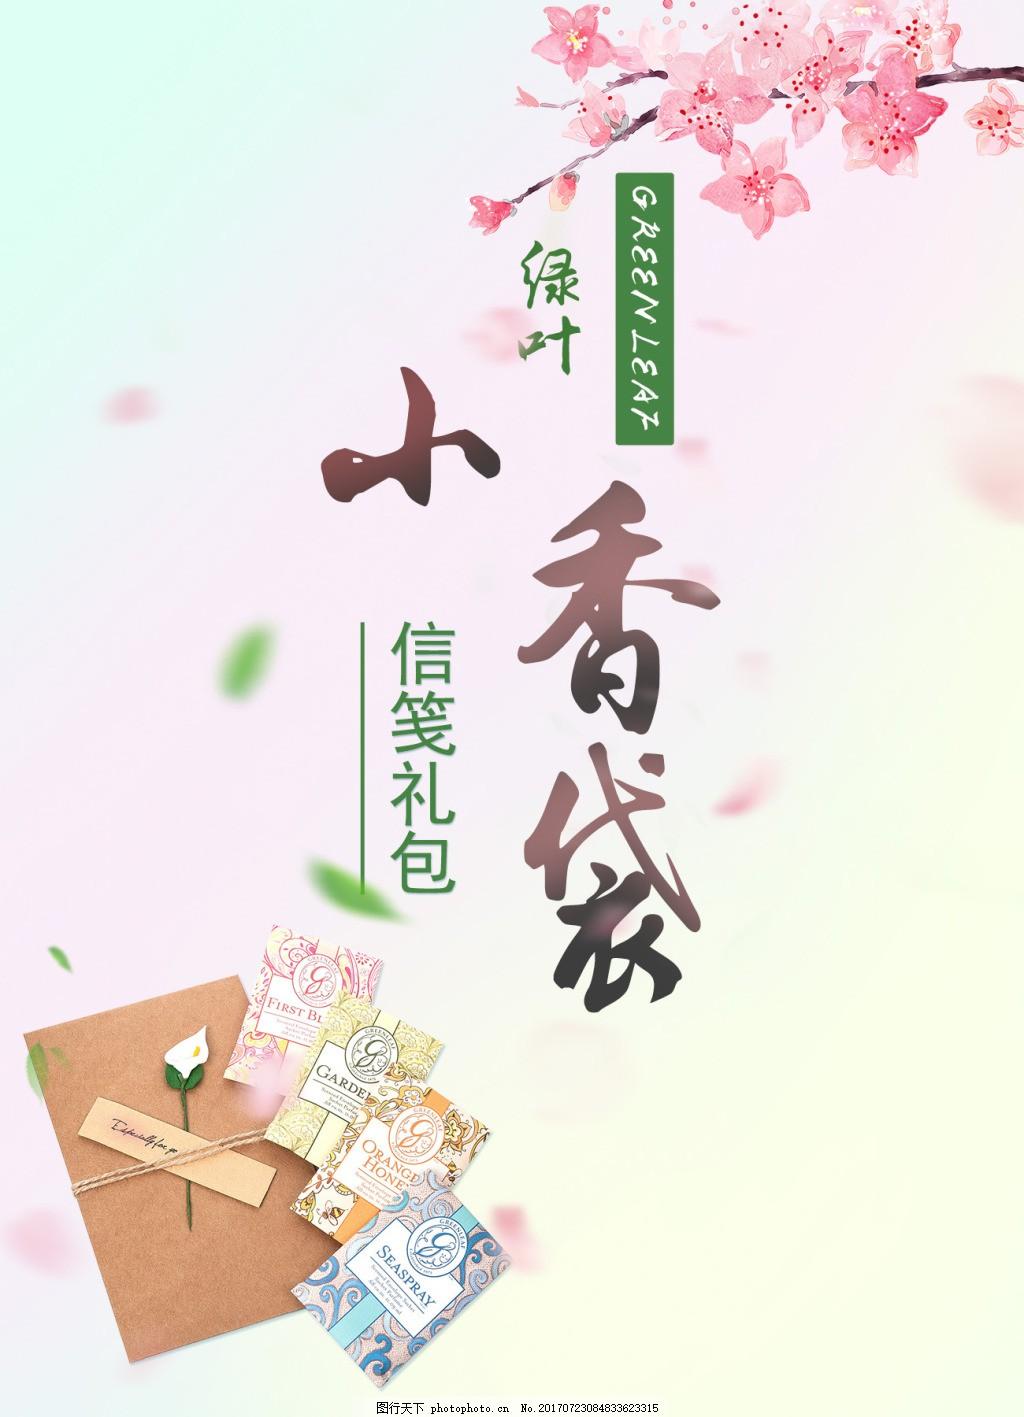 中国风水墨信笺海报 水墨中国风 手写毛笔字 信笺香袋 桃花绿叶